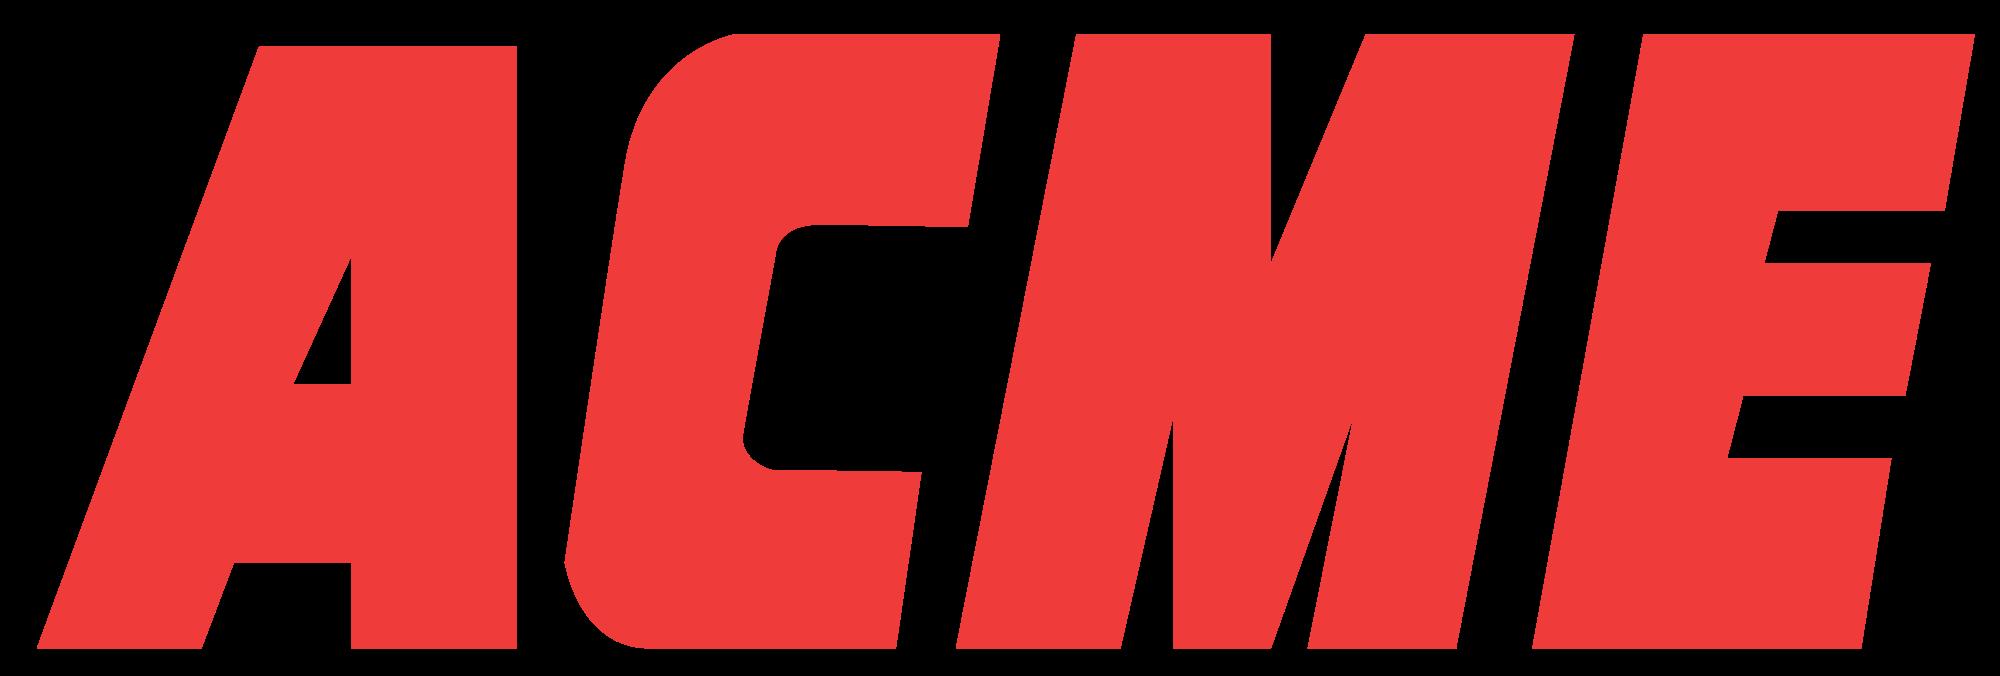 http://www.rcxmodels.com/cars/nitro/Acme-Subaru/Acme_logo.png